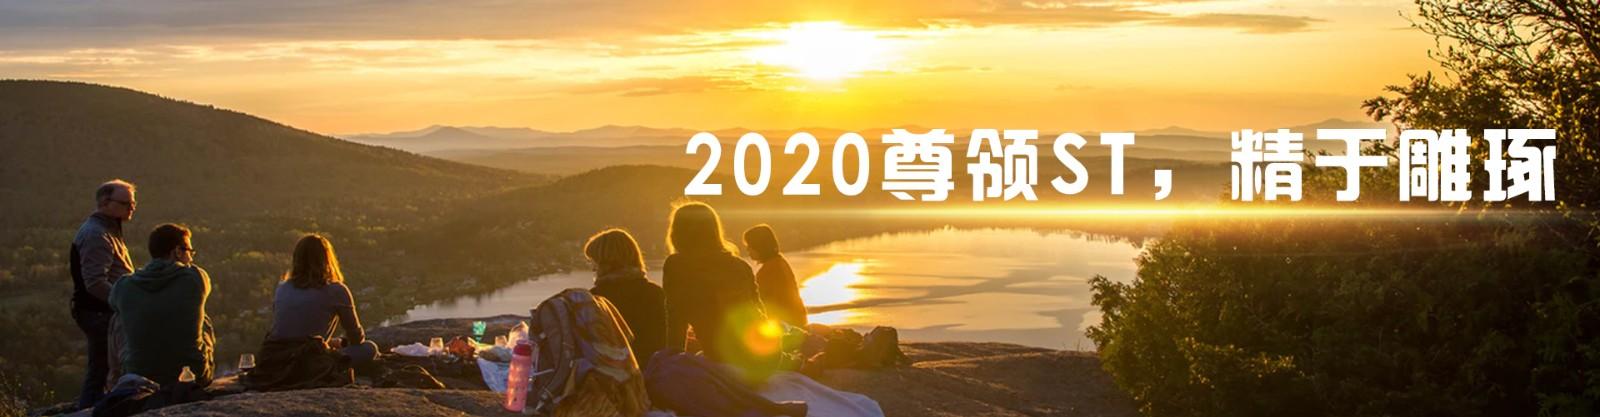 20200422084319433.jpg